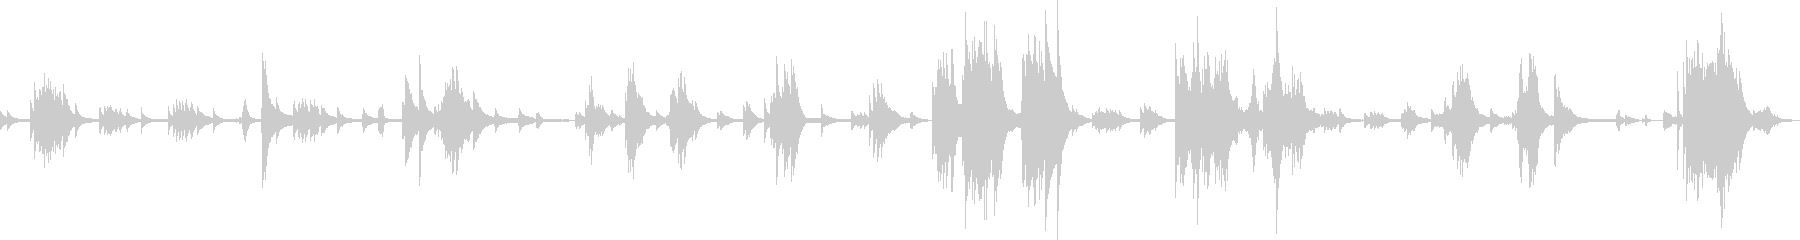 絶望の果て(ピアノ)の未再生の波形